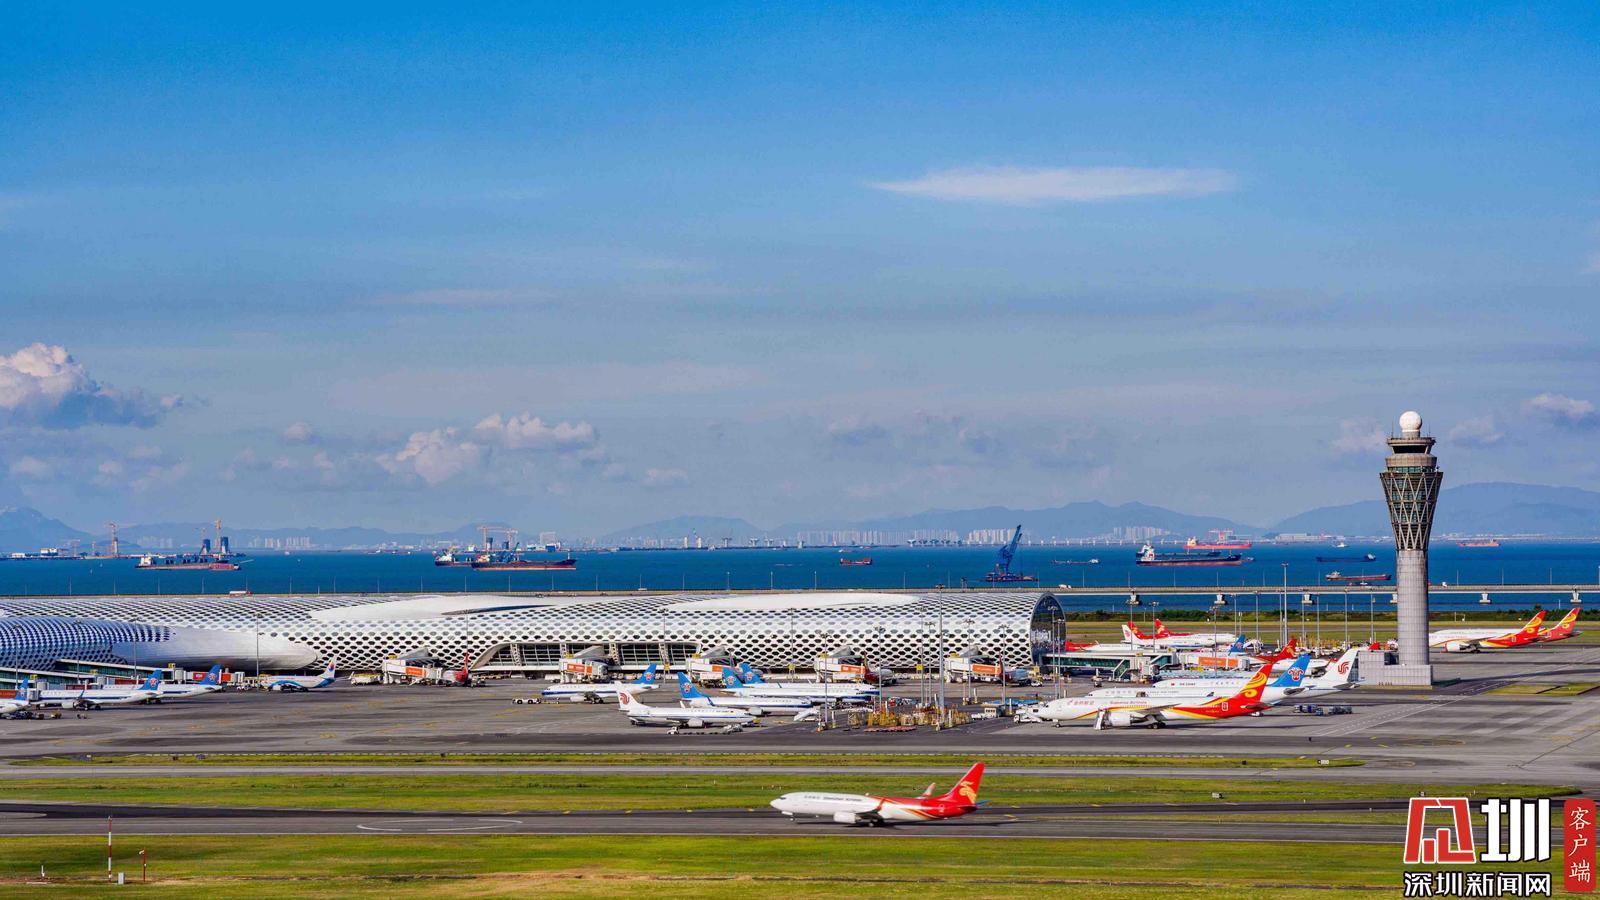 深圳宝安国际机场卫星厅有望今年建成启用